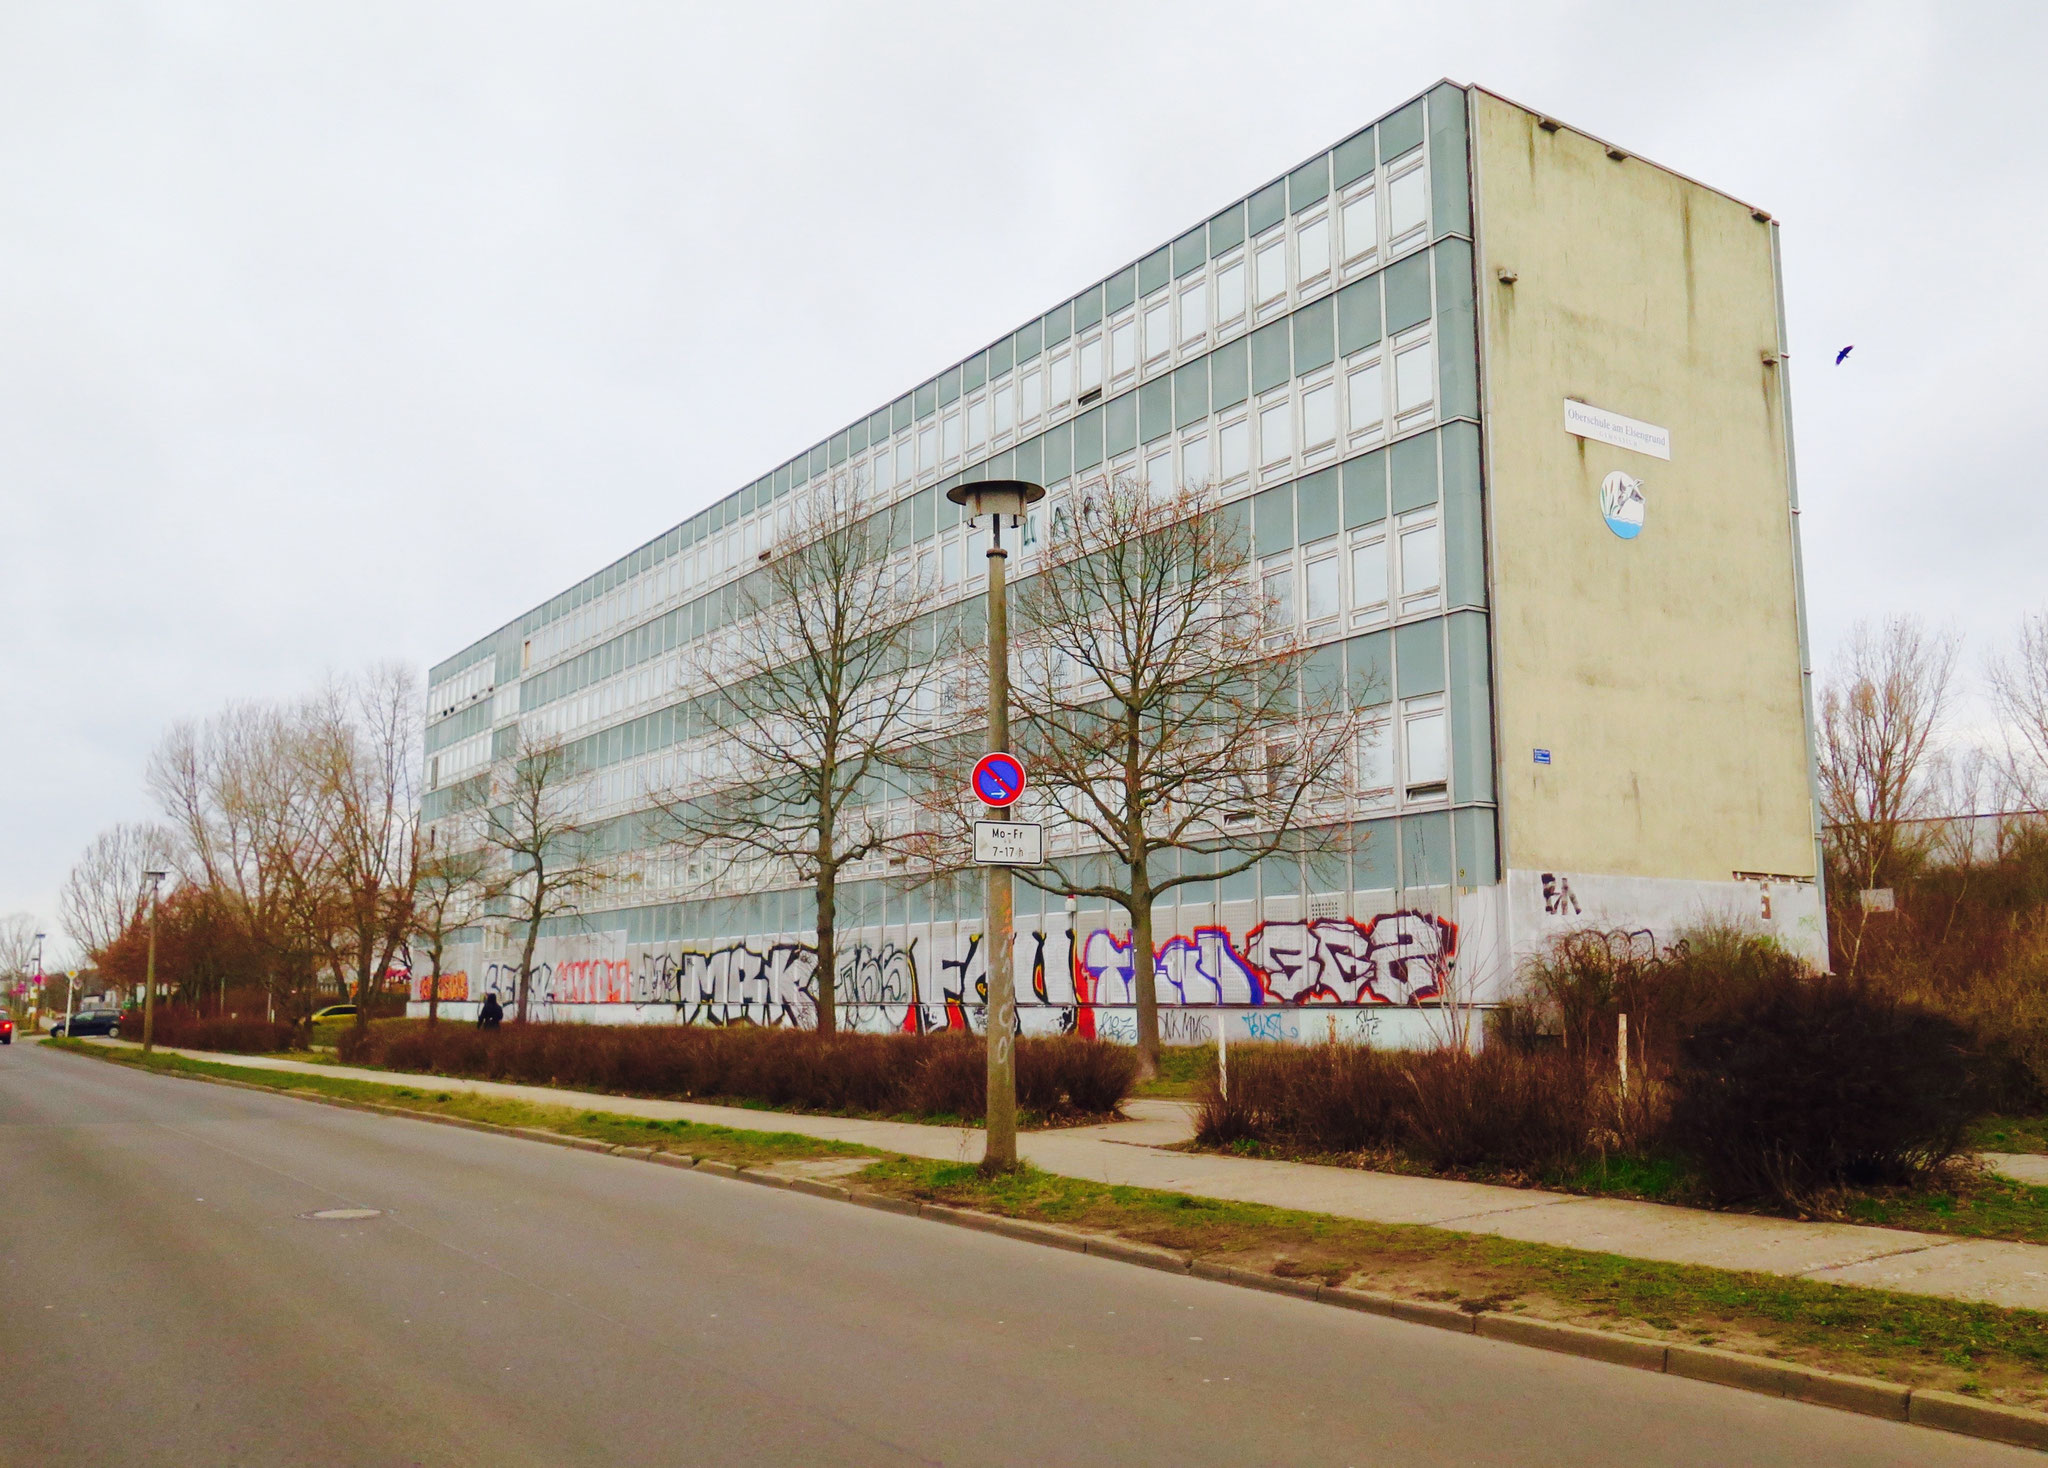 Trotz Recyclinghof hat es am Standort schon einmal eine Schule gegeben: Die Oberschule am Elsengrund. Siewurde 2009 allerdings wegen sinkender Schülerzahlen mit dem Otto-Nagel-Gymnasium zusammengelegt und geschlossen.